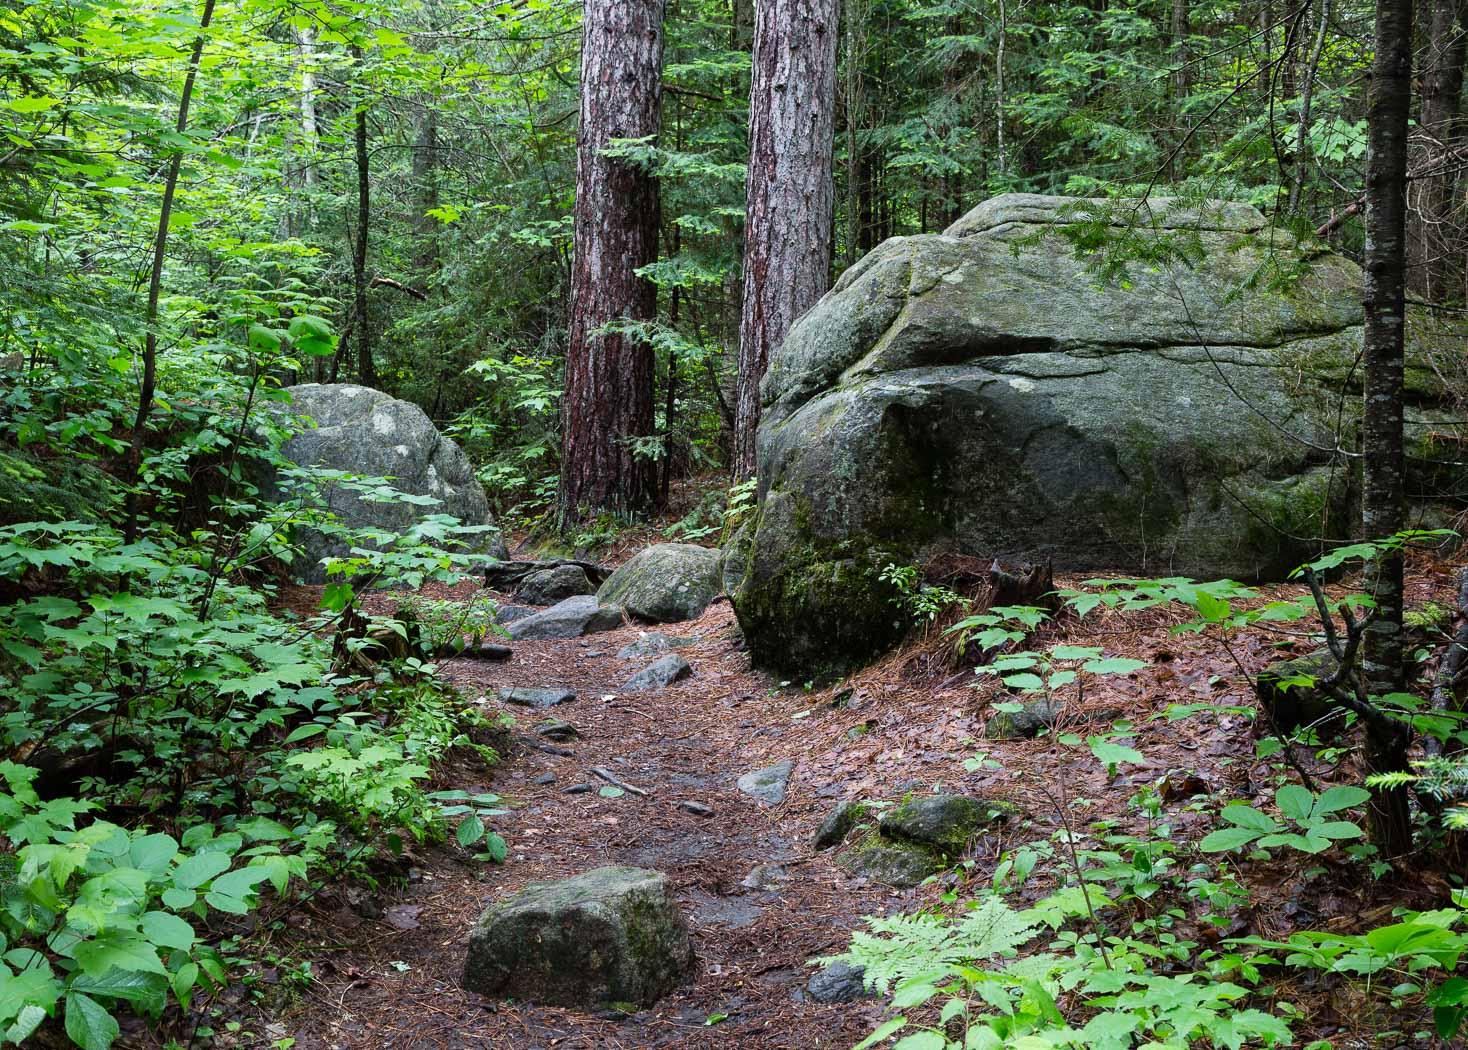 Forest Trail, Algonquin Park